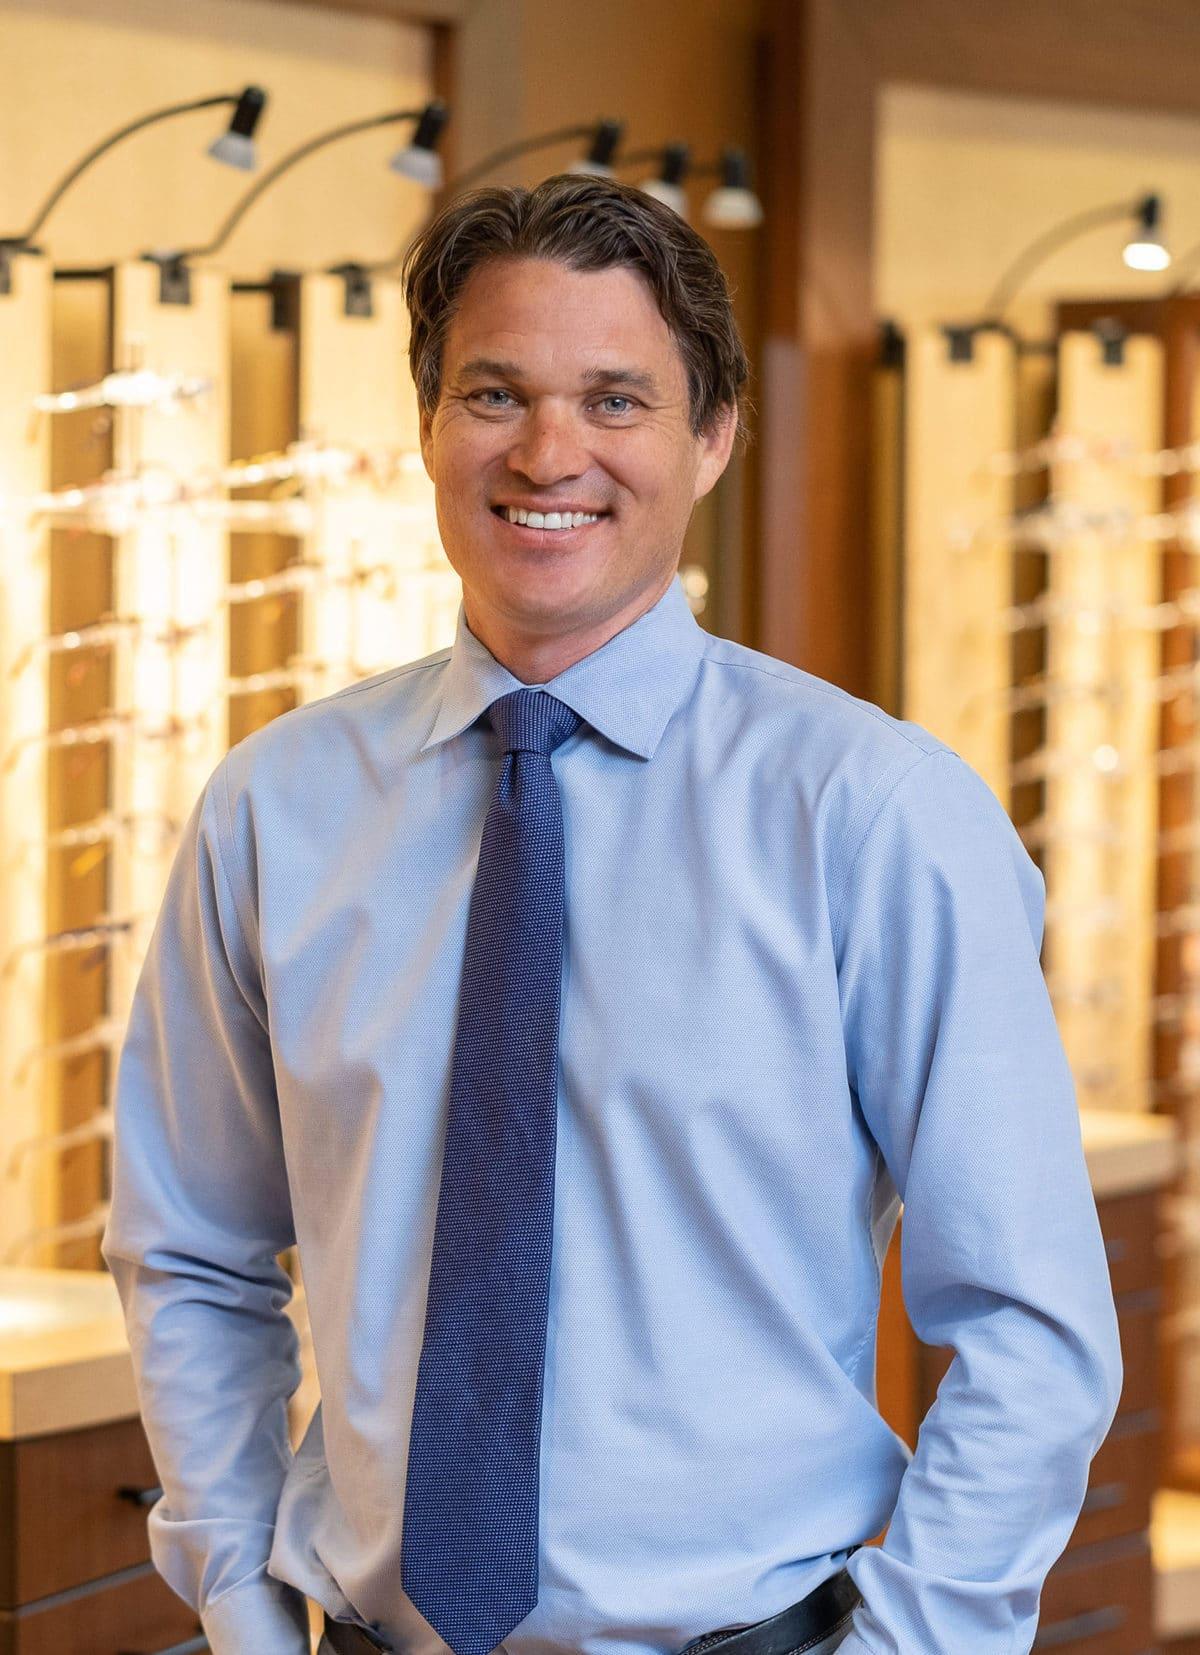 Matt Oliva, MD